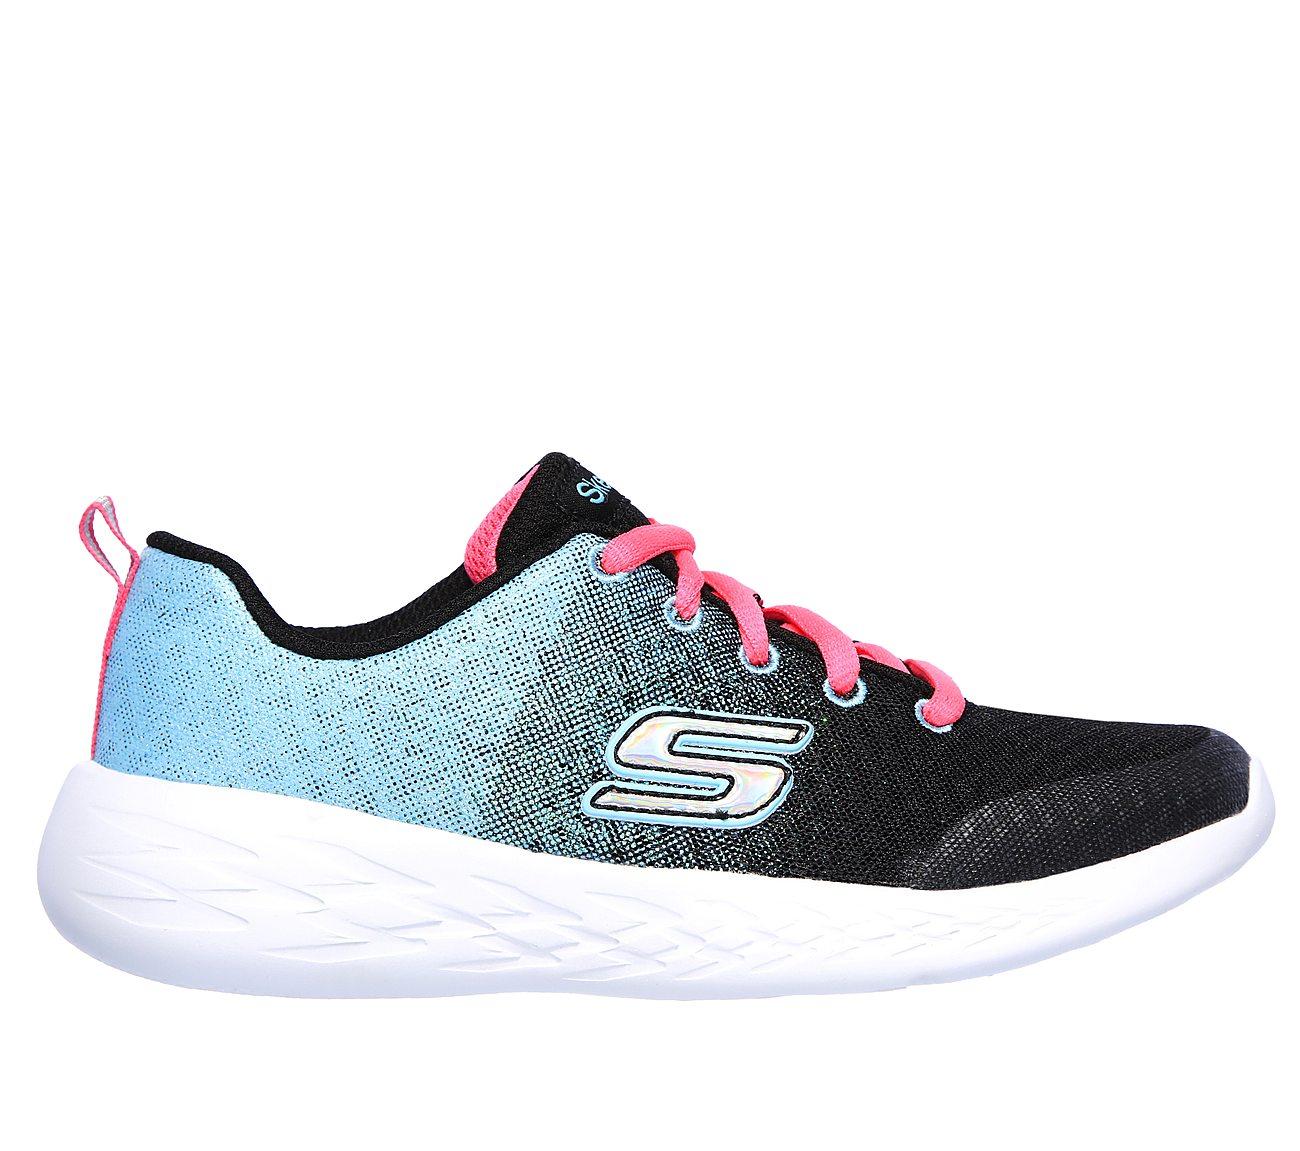 0e1e0894b755 Buy SKECHERS Skechers GOrun 600 - Sparkle Speed Lace-Up Sneakers ...